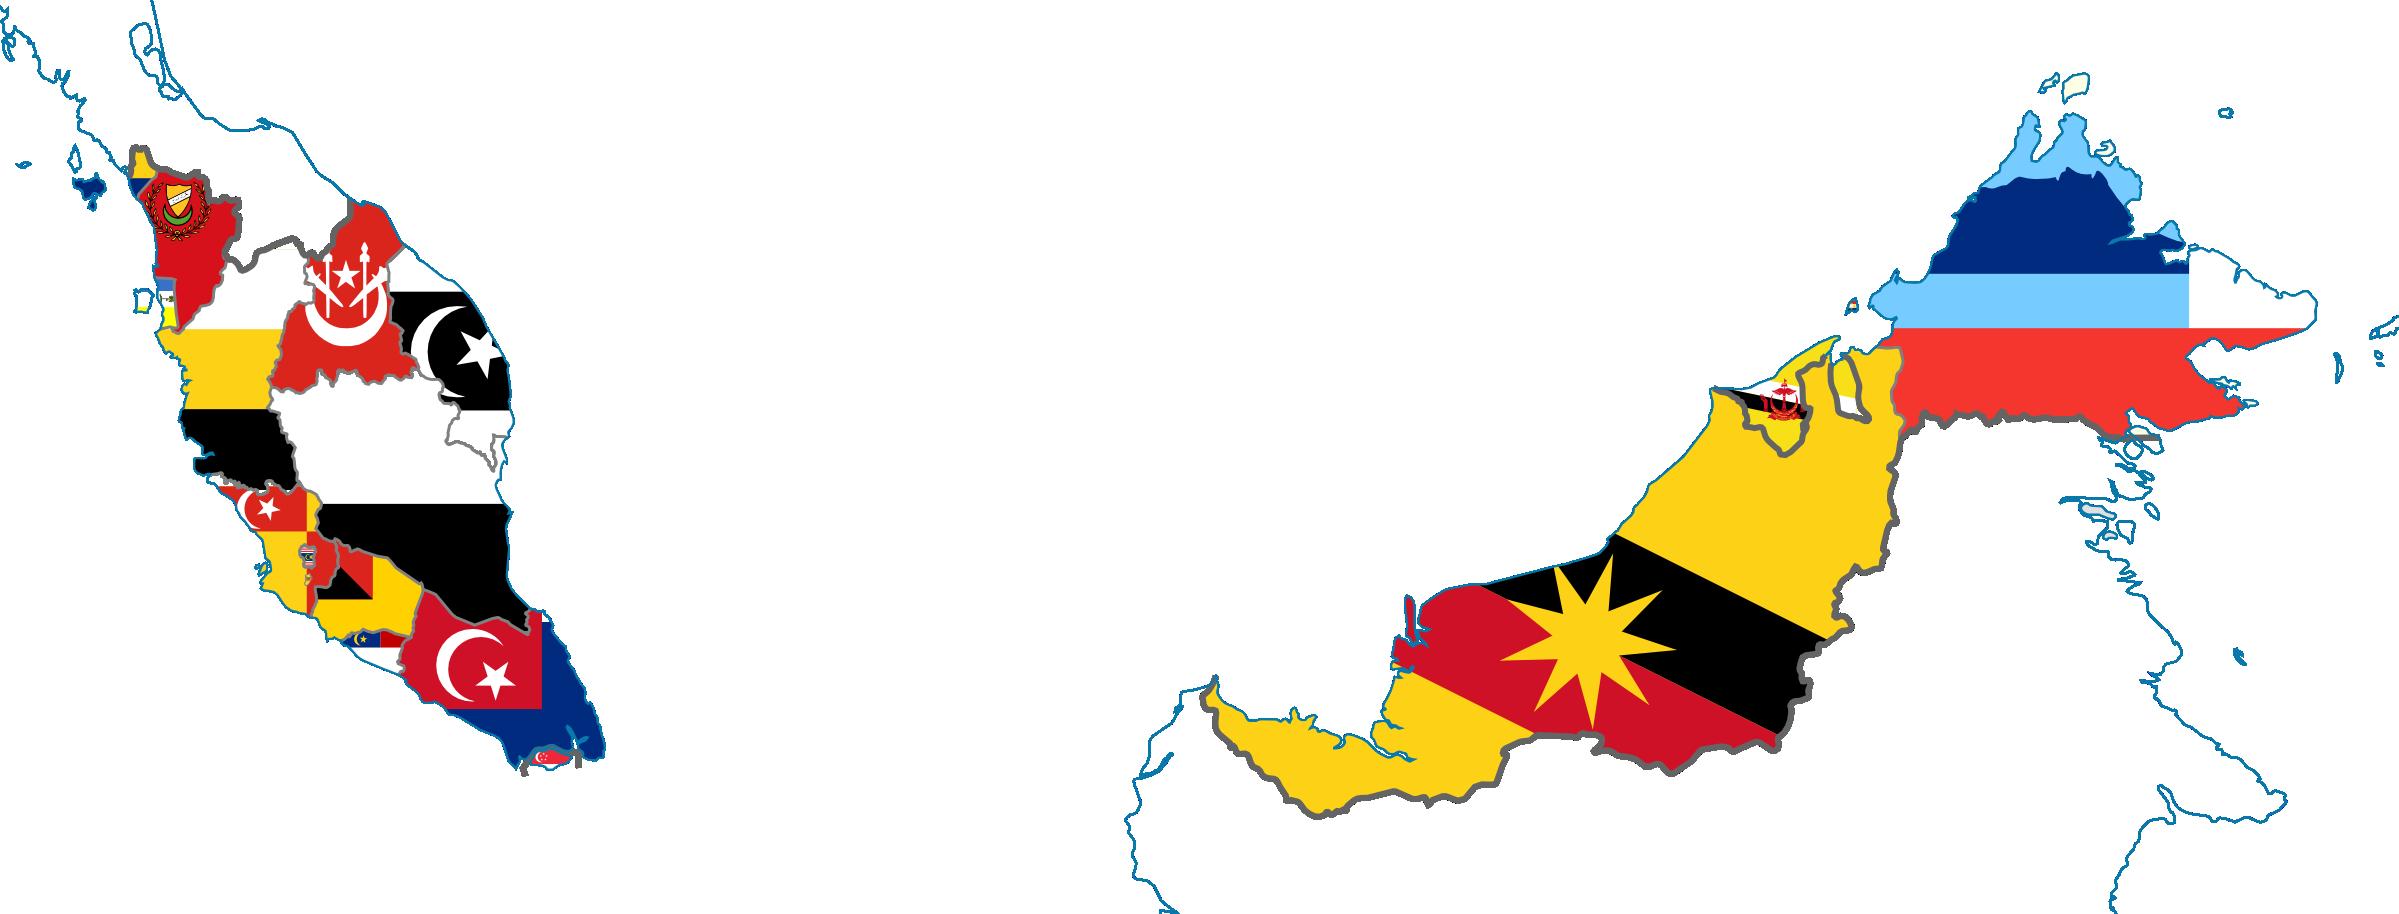 Pin Malaysia Maps on Pinterest